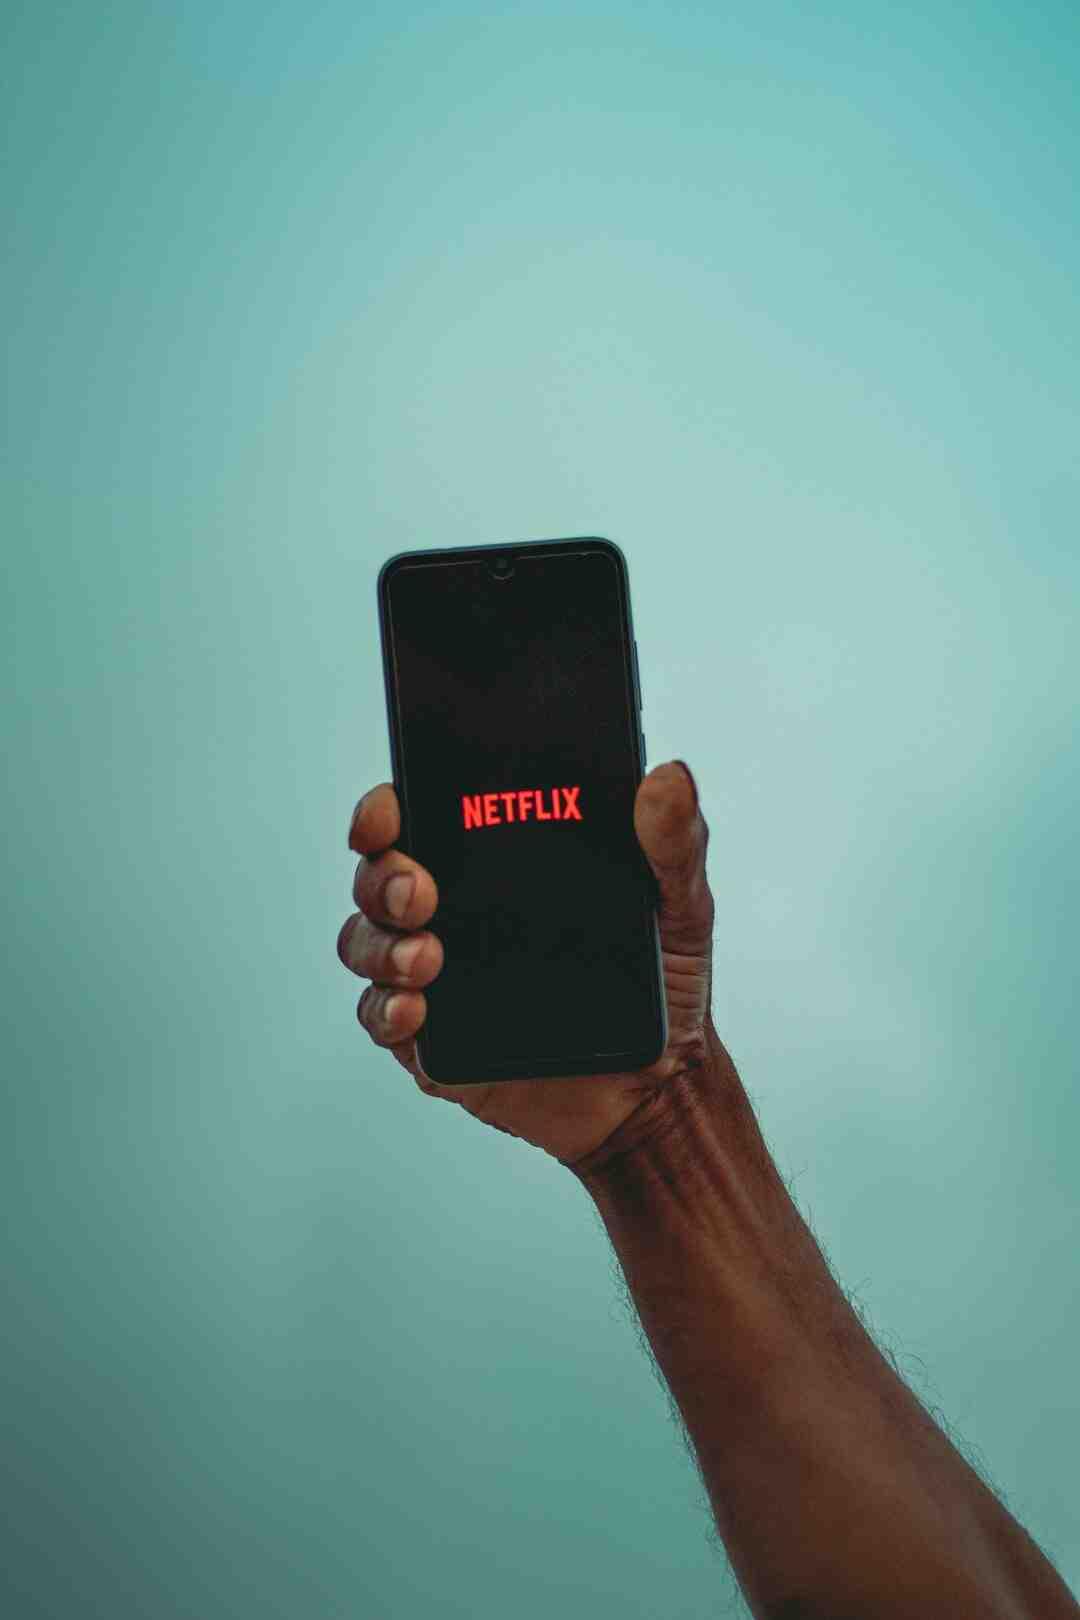 Comment avoir Netflix gratuit 2021 ?